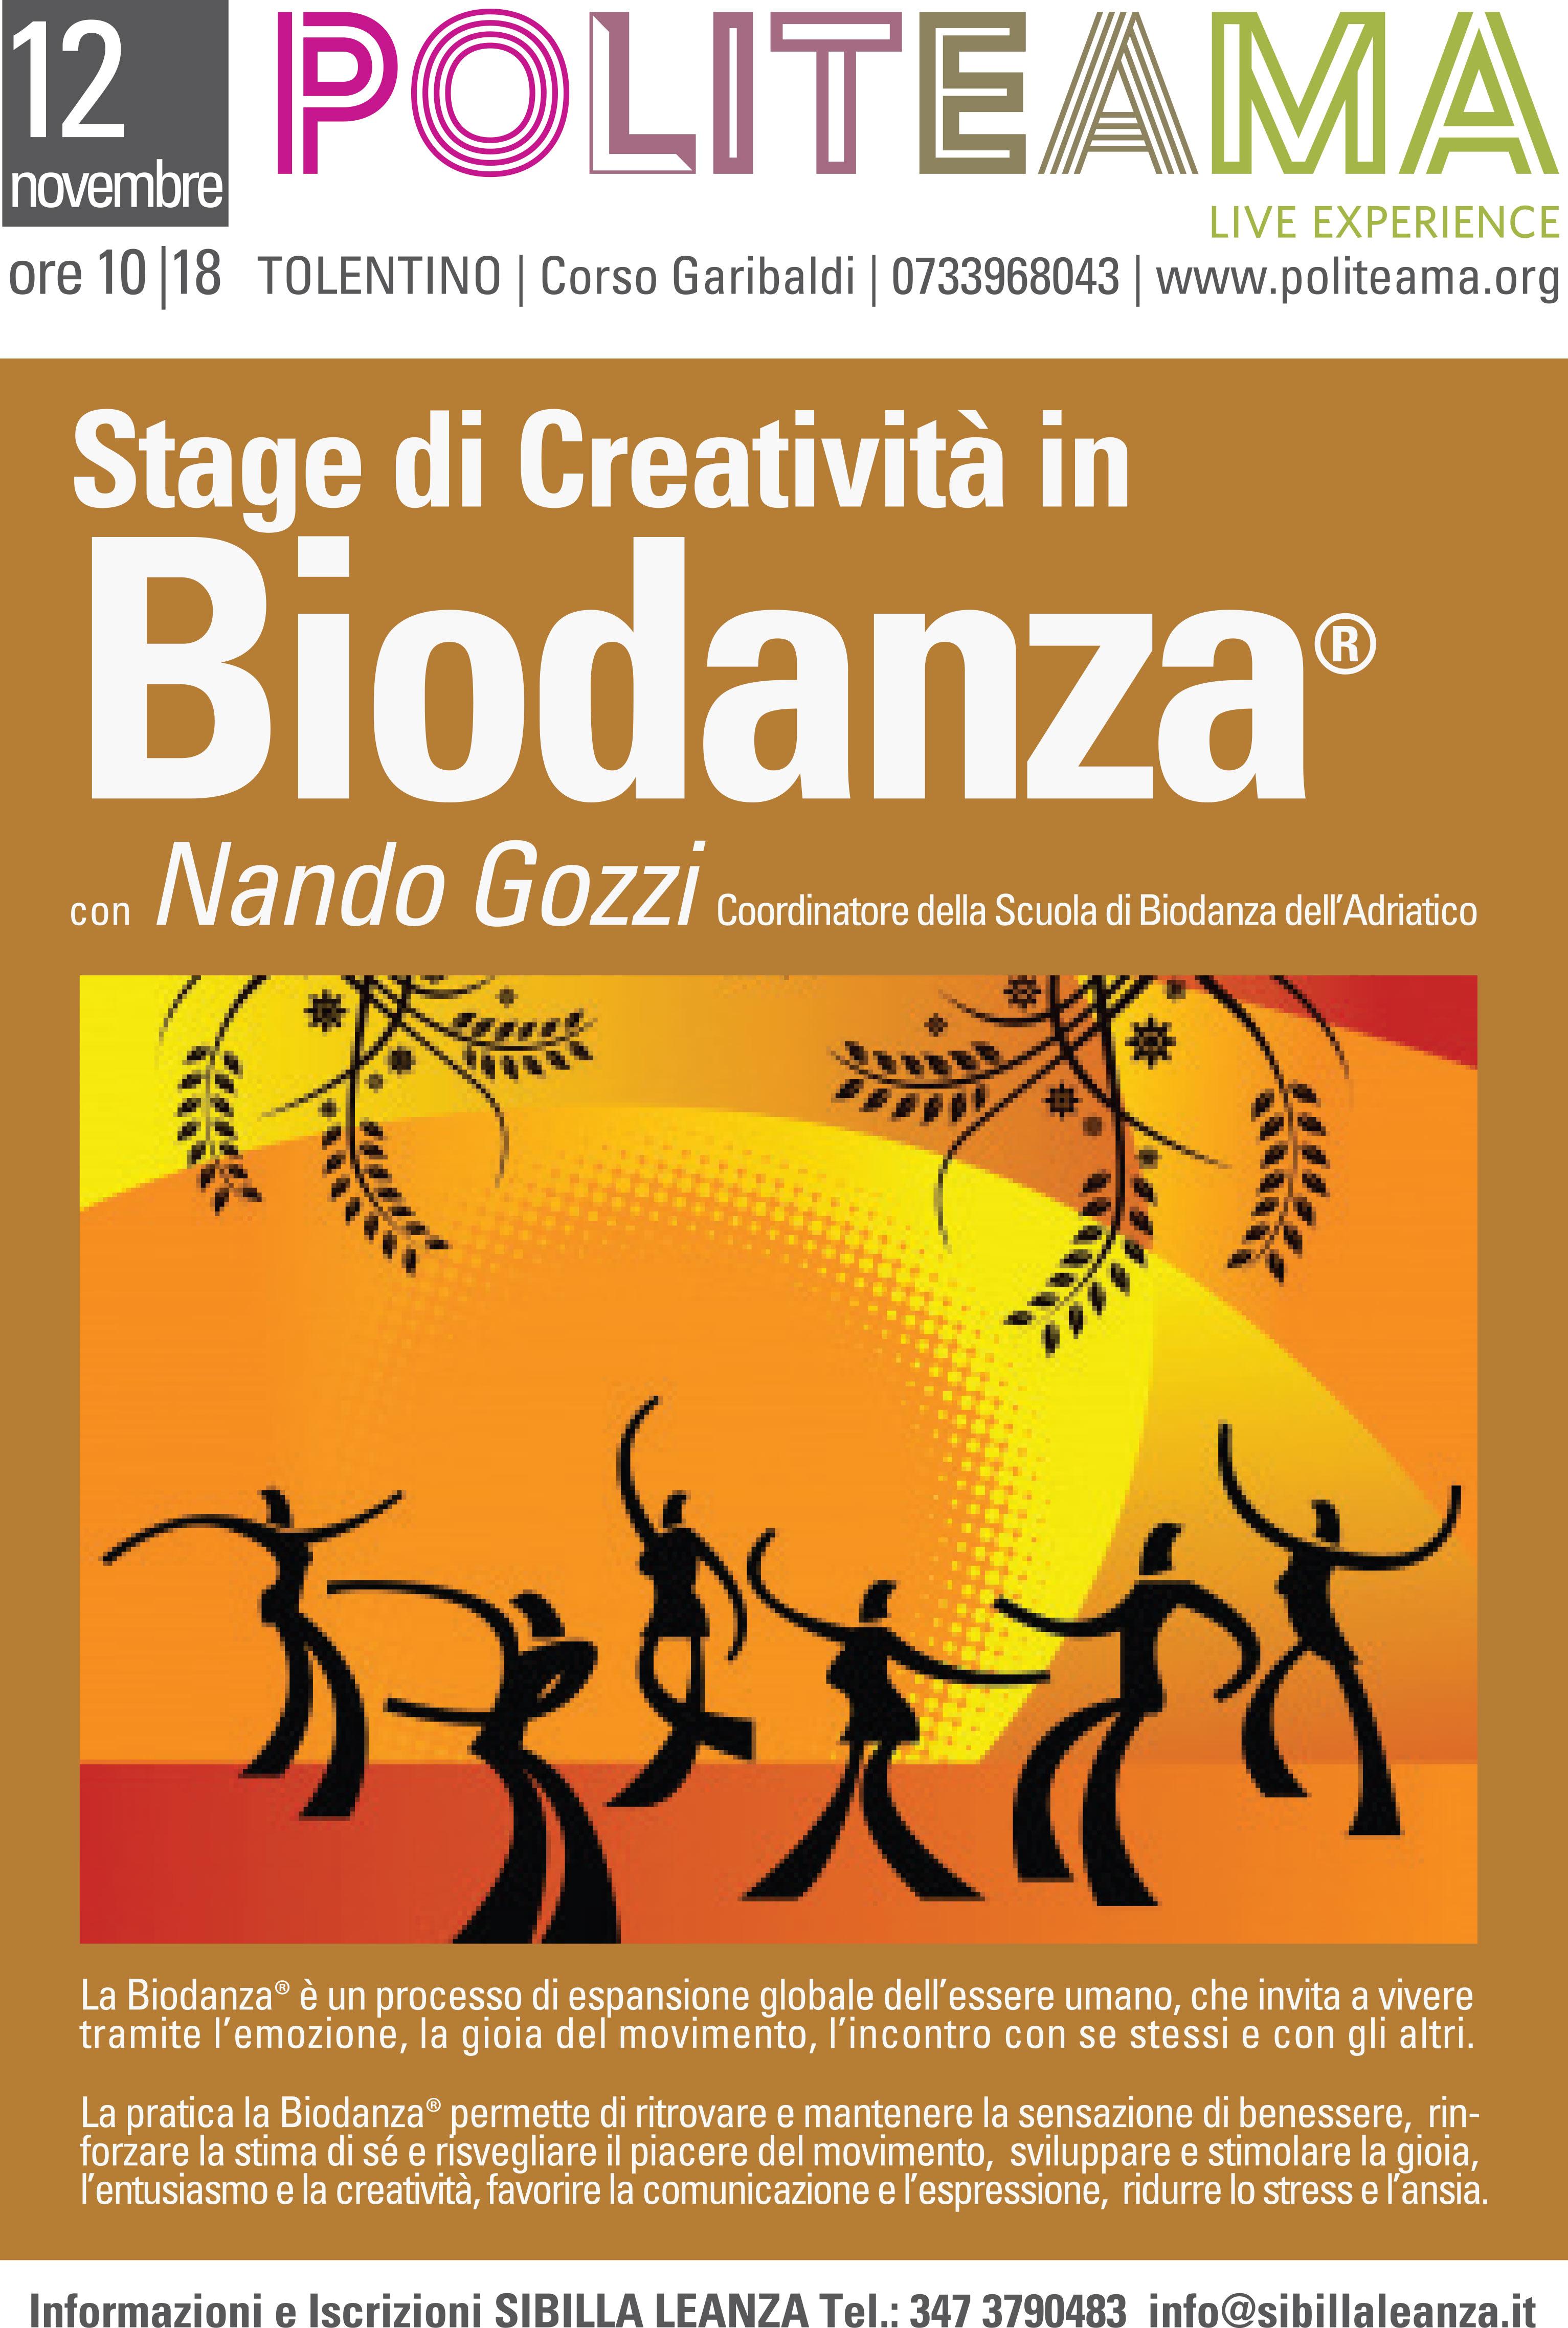 Locandina - Stage di Creatività in Biodanza® con Nando Gozzi